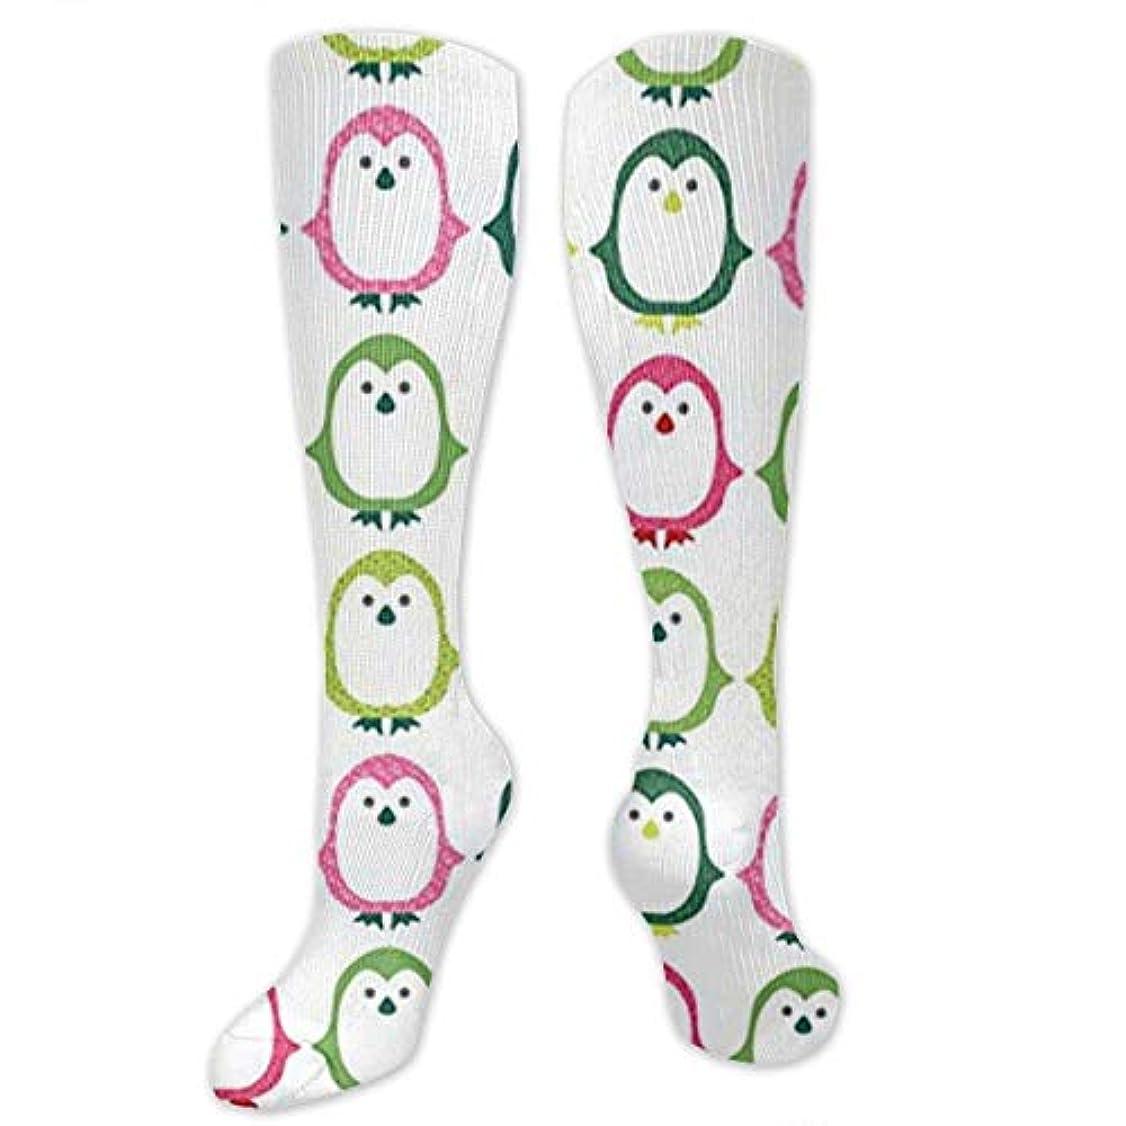 未就学異常破滅靴下,ストッキング,野生のジョーカー,実際,秋の本質,冬必須,サマーウェア&RBXAA Pretty Penguins Colorful Socks Women's Winter Cotton Long Tube Socks...